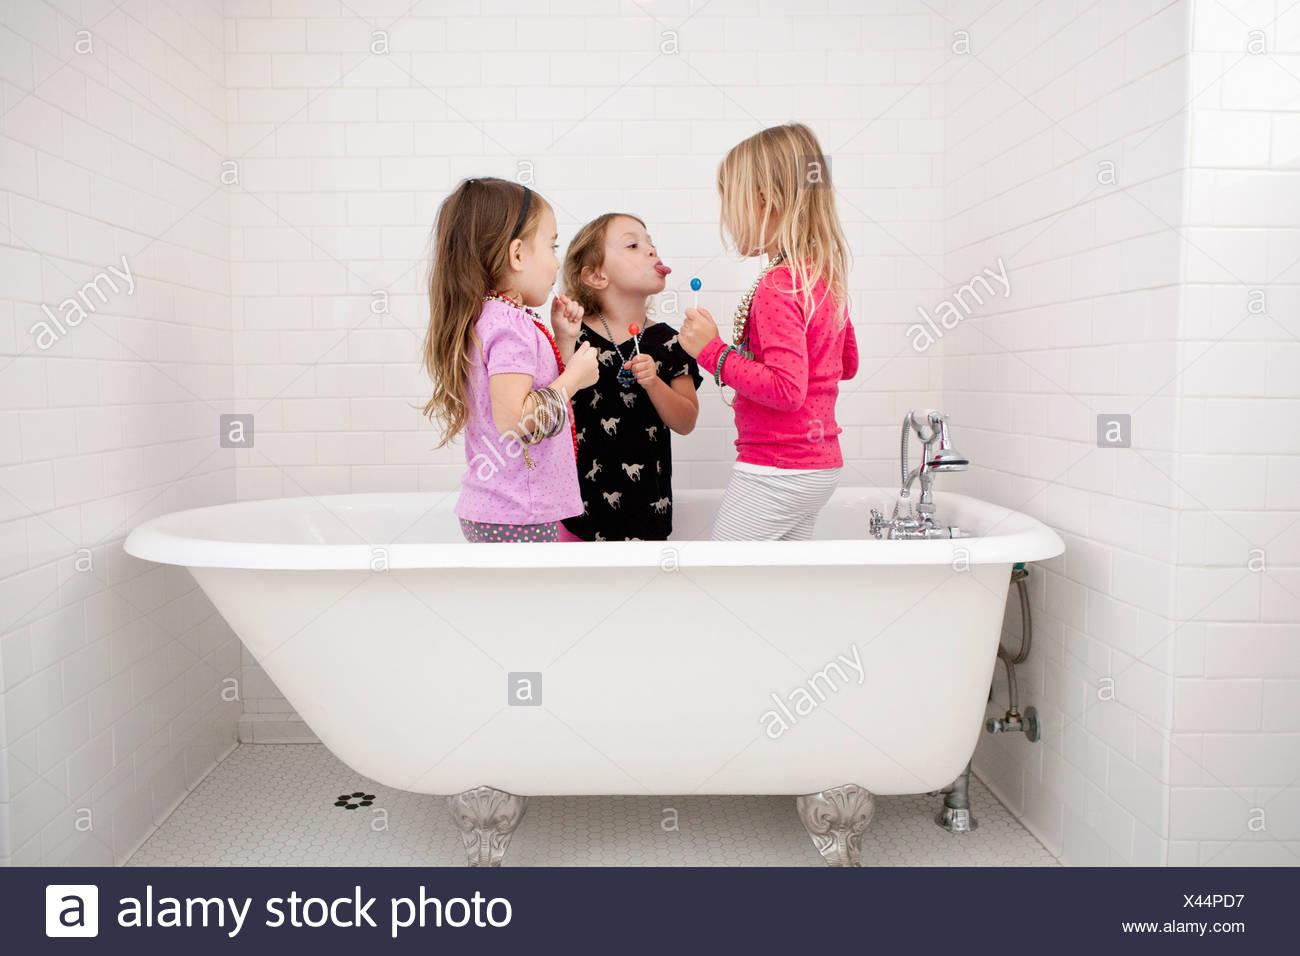 Tre giovani ragazze in piedi nella vasca da bagno con connettori lollipop Immagini Stock